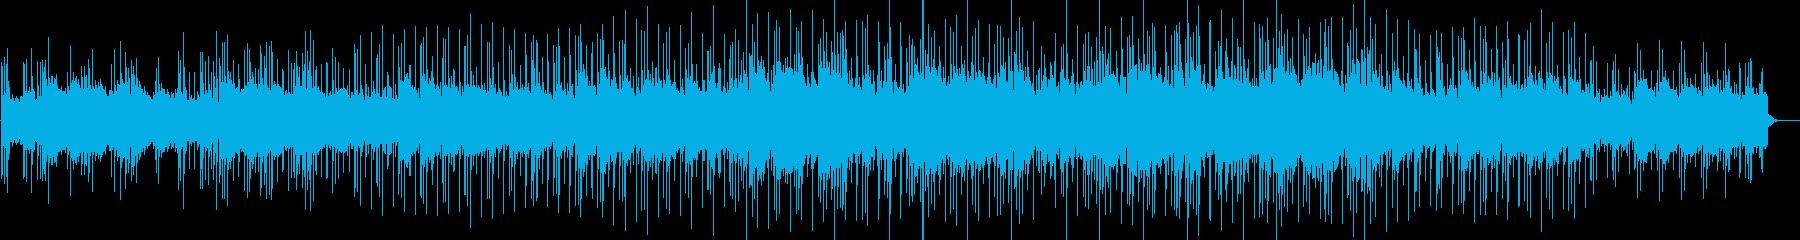 ■アコギ・ピアノ・紅葉・秋・自然・感動の再生済みの波形